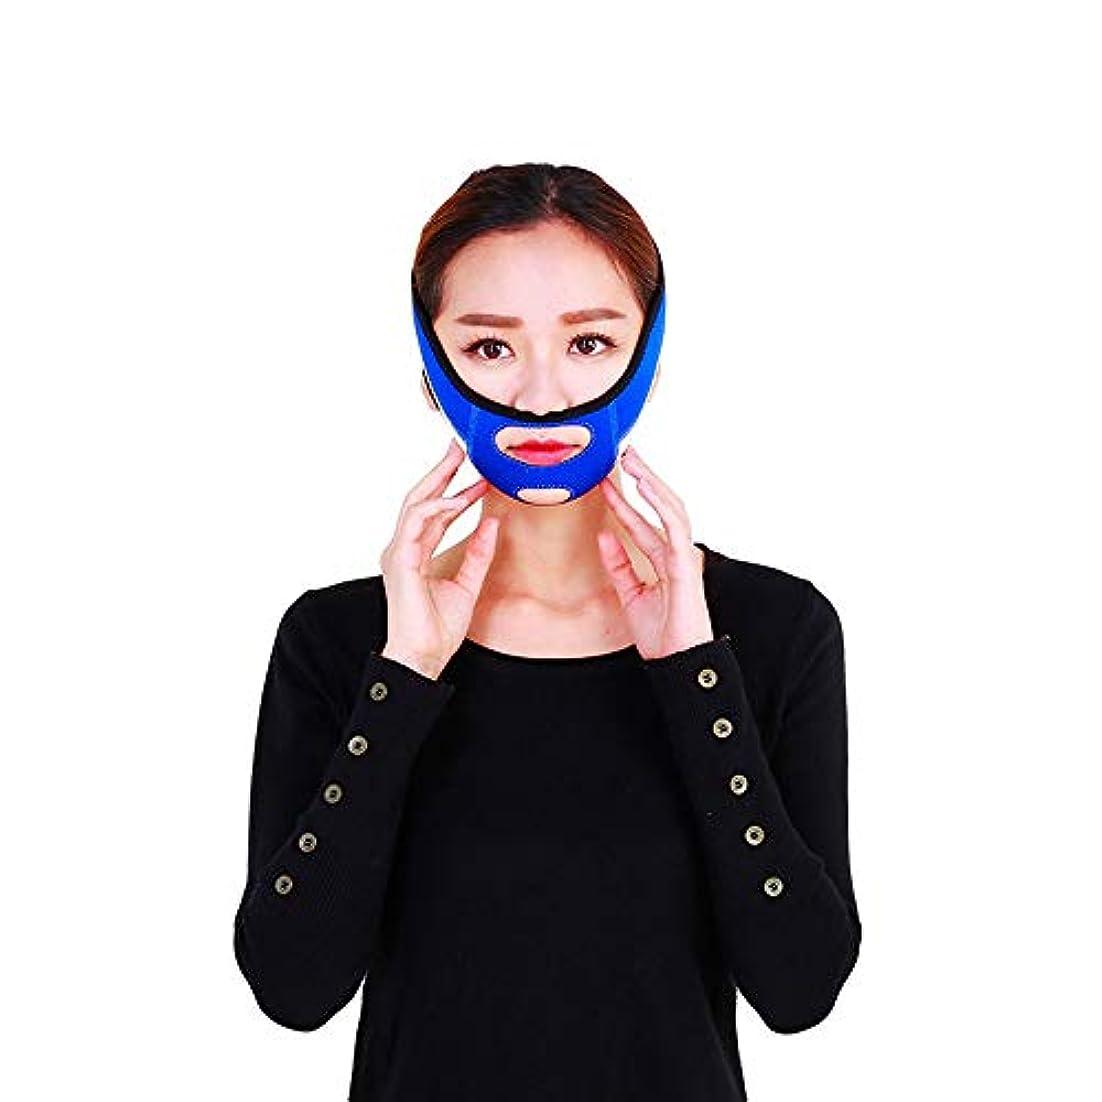 ベアリングサークルなる蜂Jia Jia- フェイシャルリフティング痩身ベルトフェーススリム二重あごを取り除くアンチエイジングリンクルフェイス包帯マスク整形マスクが顔を引き締める 顔面包帯